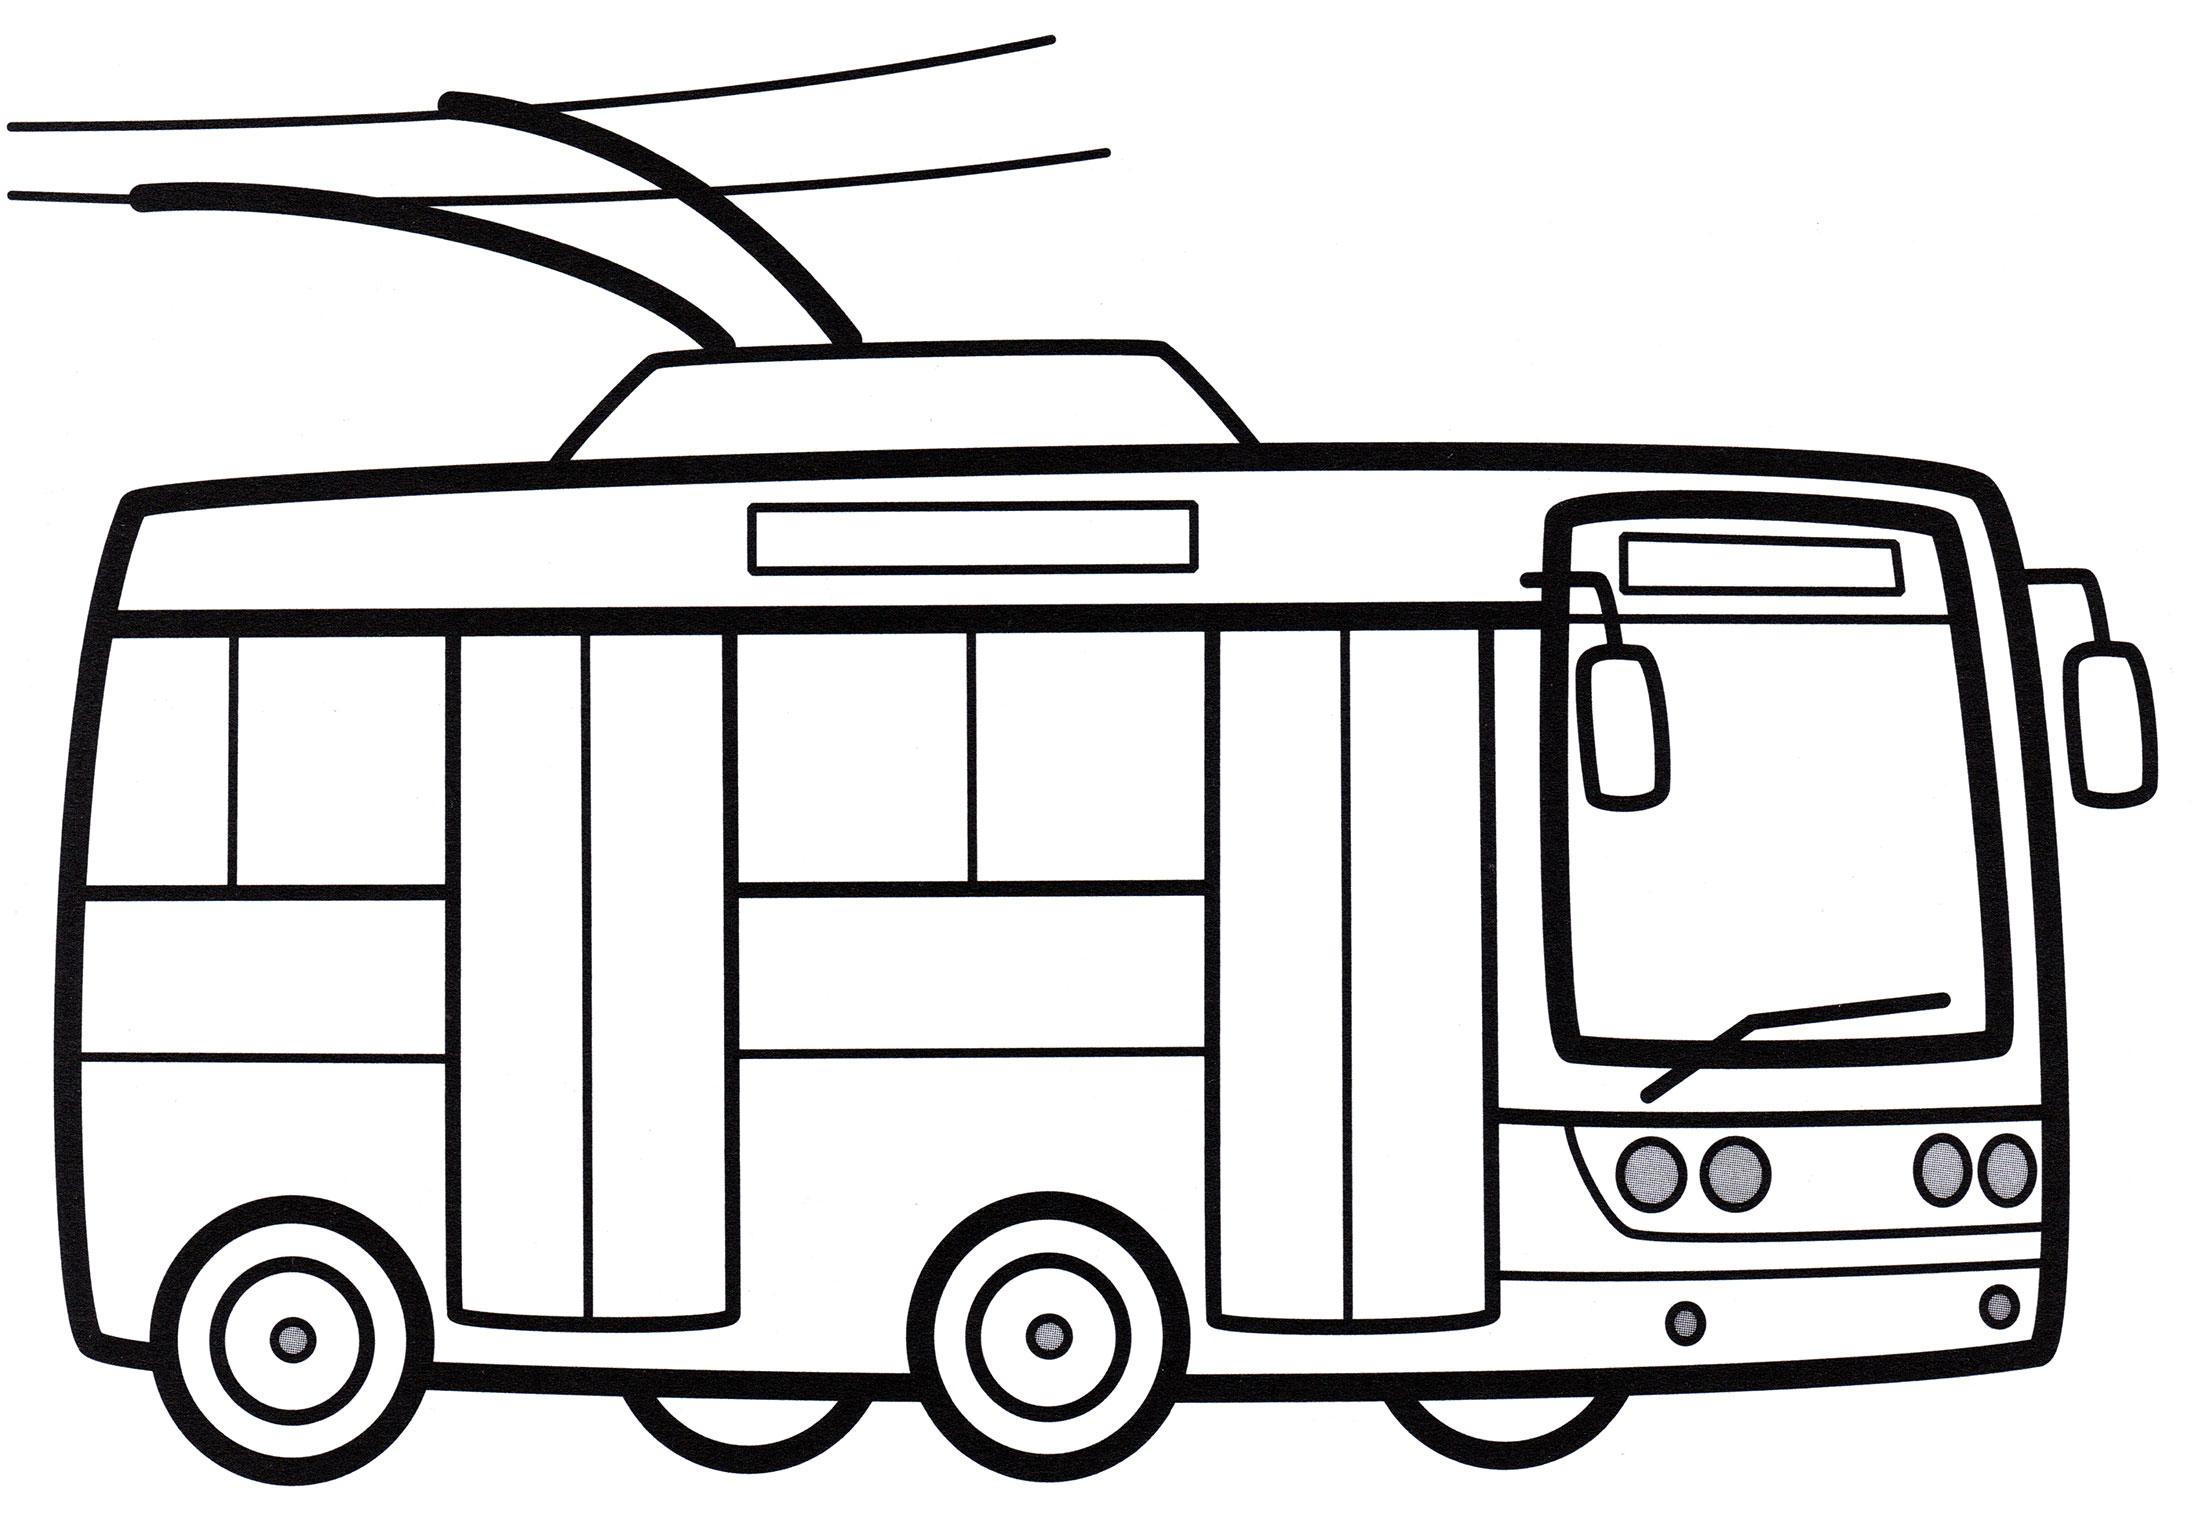 Раскраска Городской троллейбус - распечатать бесплатно